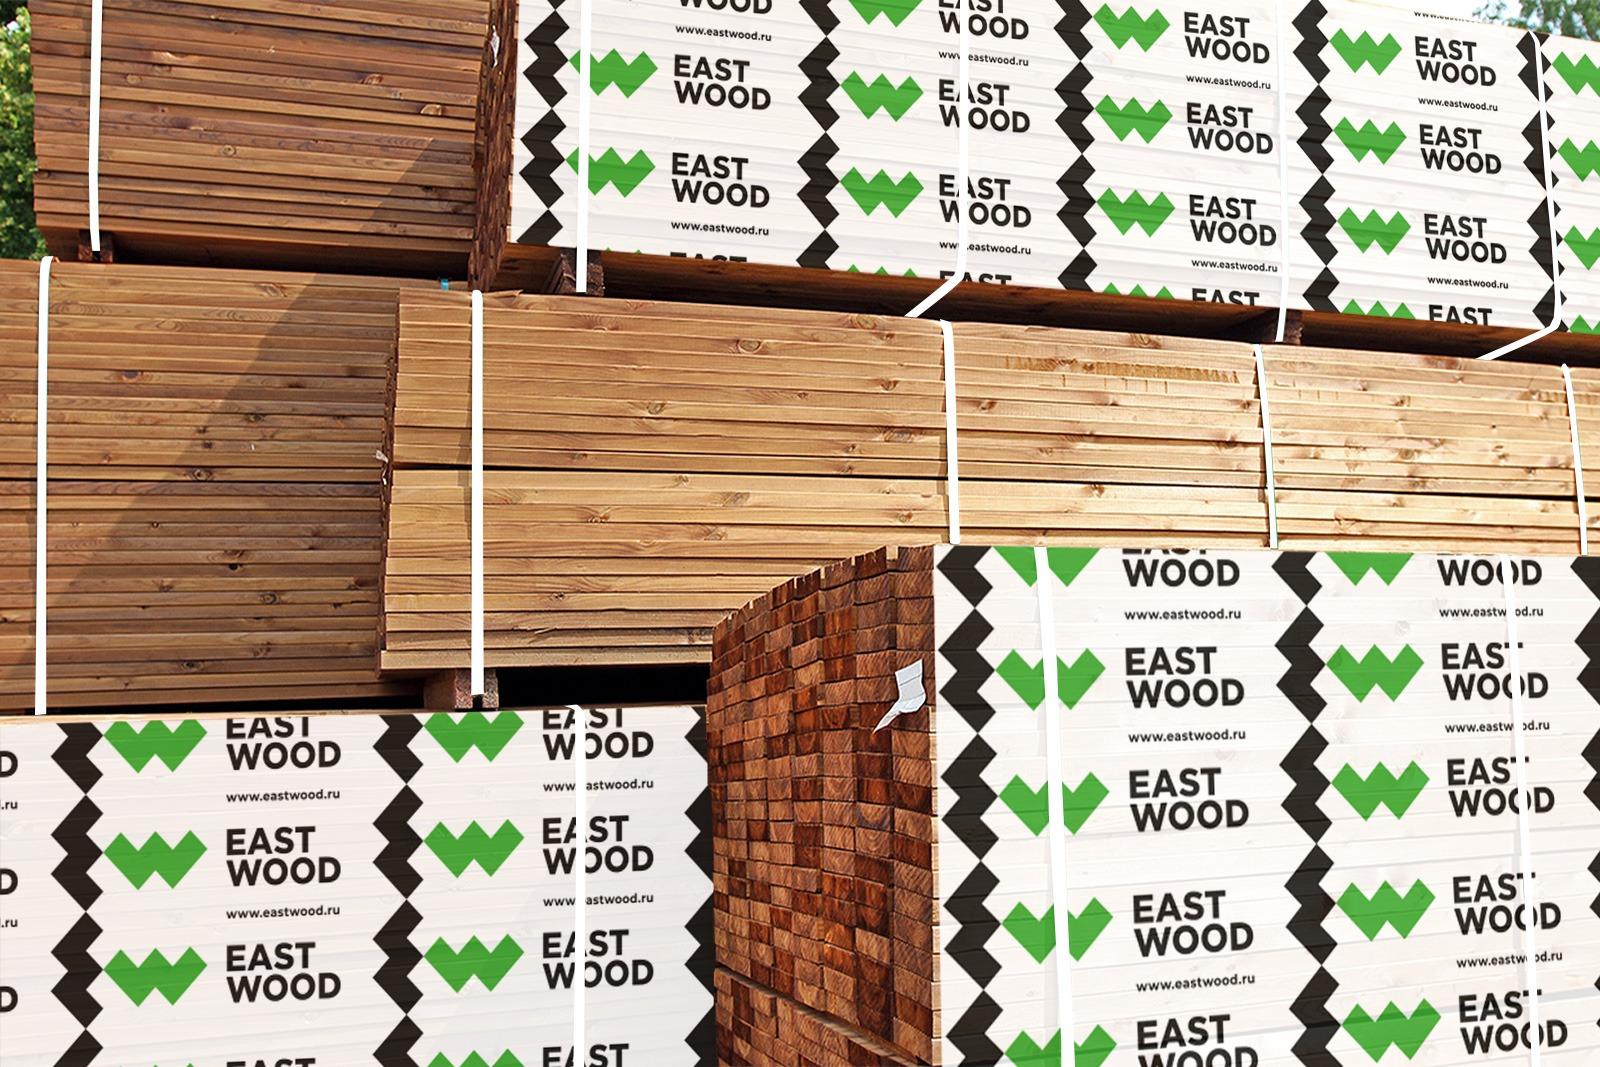 Asgard Branding, фирменный стиль, айдентика, лого, Eastwood, дизайн упаковки, графический дизайн, лес, дерево